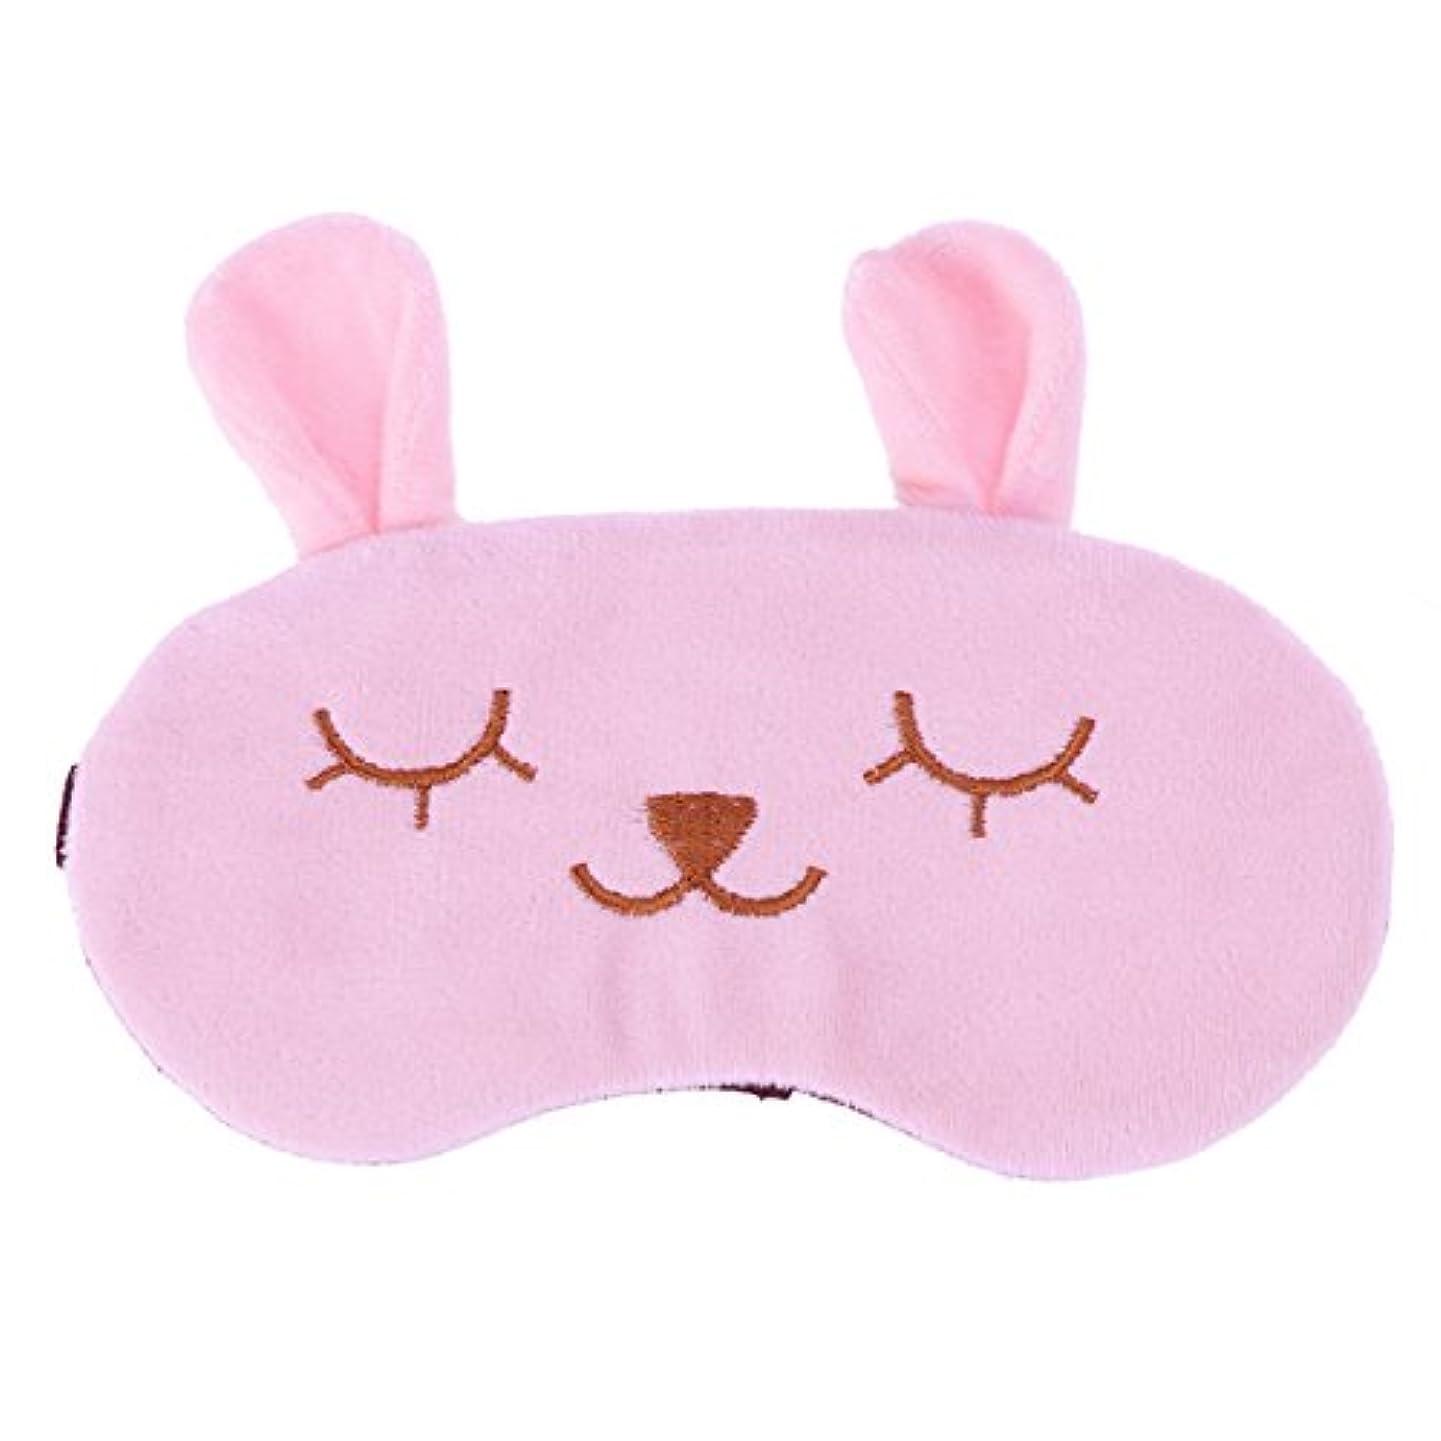 開梱意気込み自信があるSUPVOX 昼寝瞑想のための豪華な睡眠のアイマスクかわいい冷却目隠しアイシェードポータブル